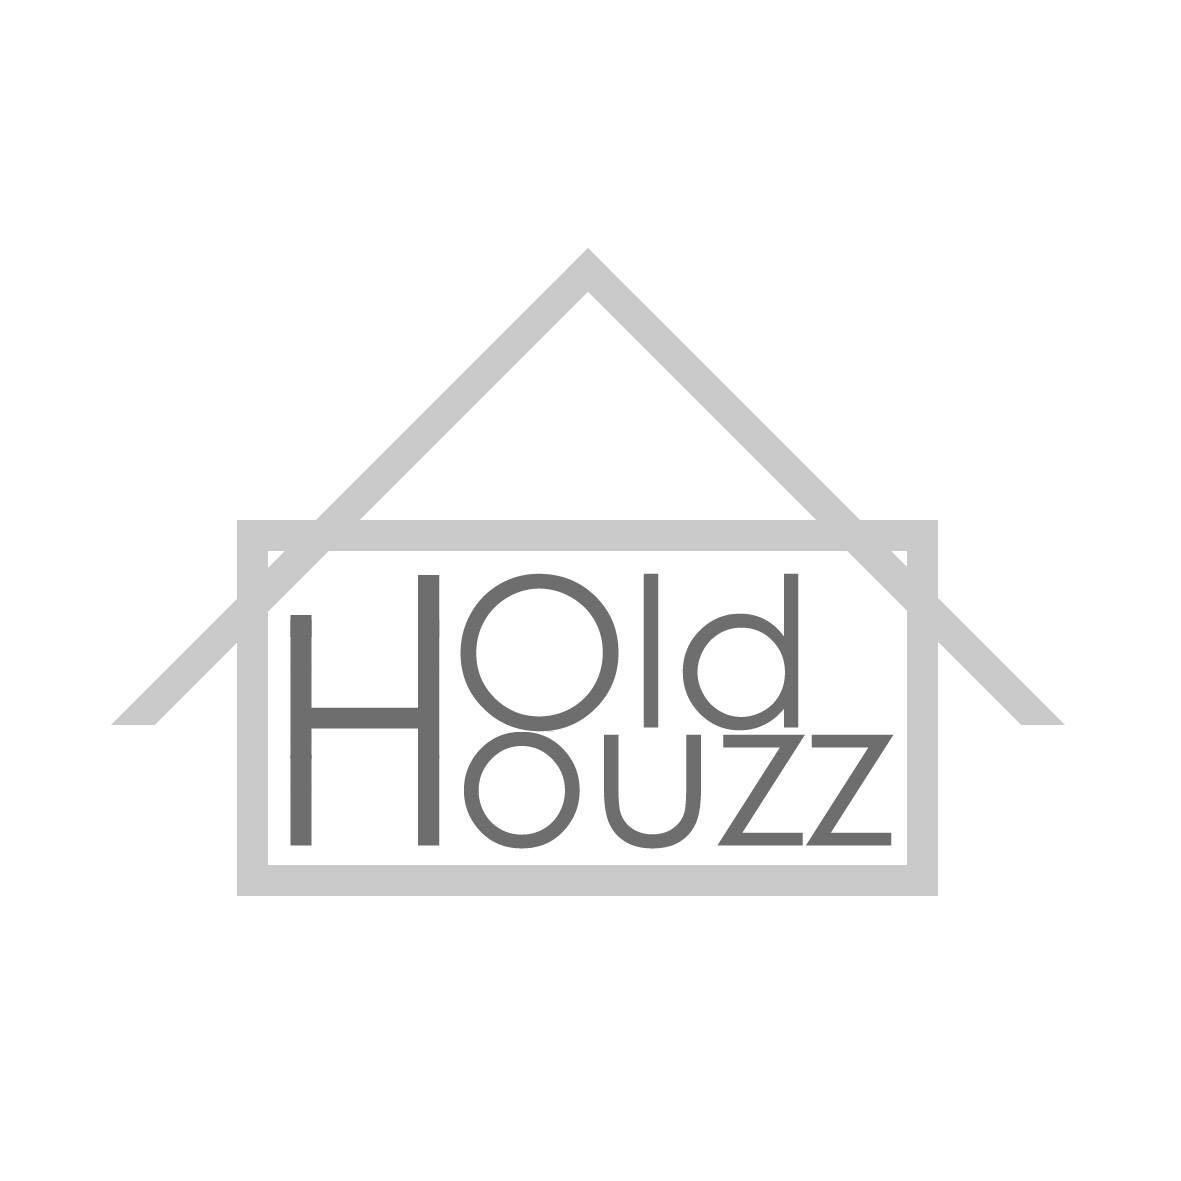 oldhouzz